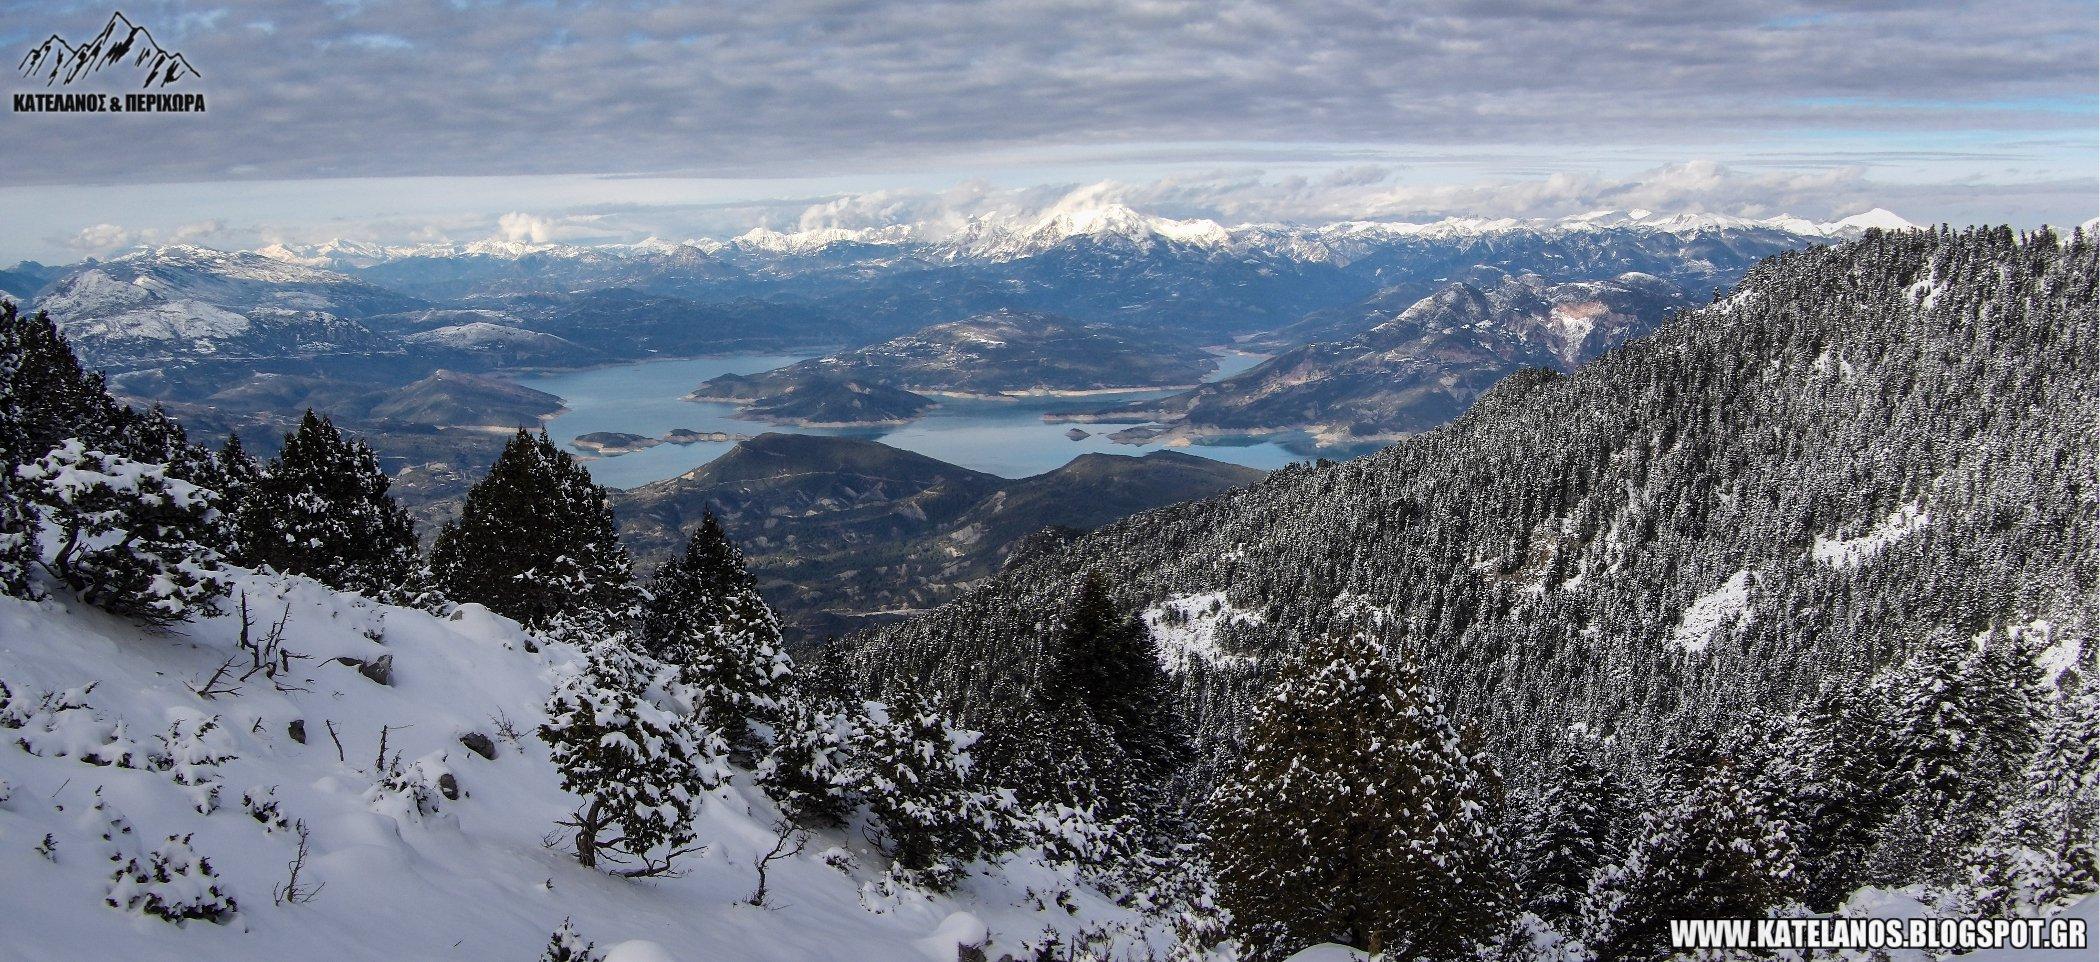 χιονισμενα ορεινα τοπια λιμνη κρεμαστων αιτωλοακαρνανια αξιοθεατα φυση